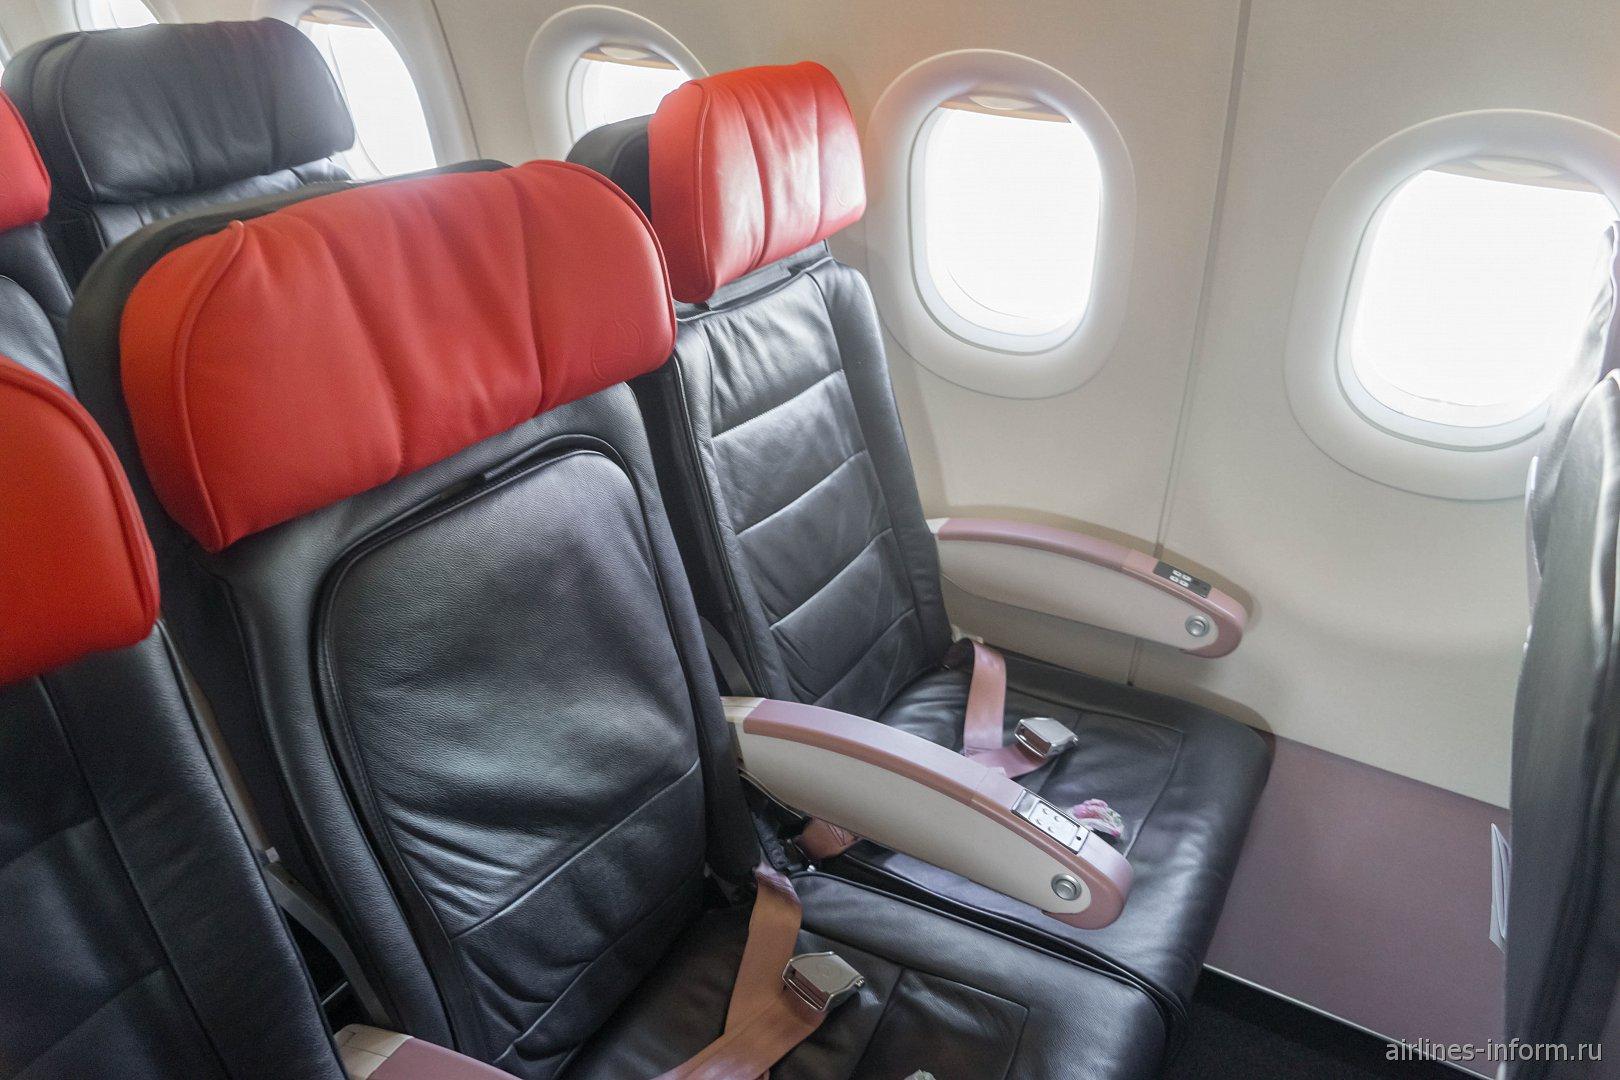 Пассажирские кресла в самолете Airbus A320 Турецких авиалиний